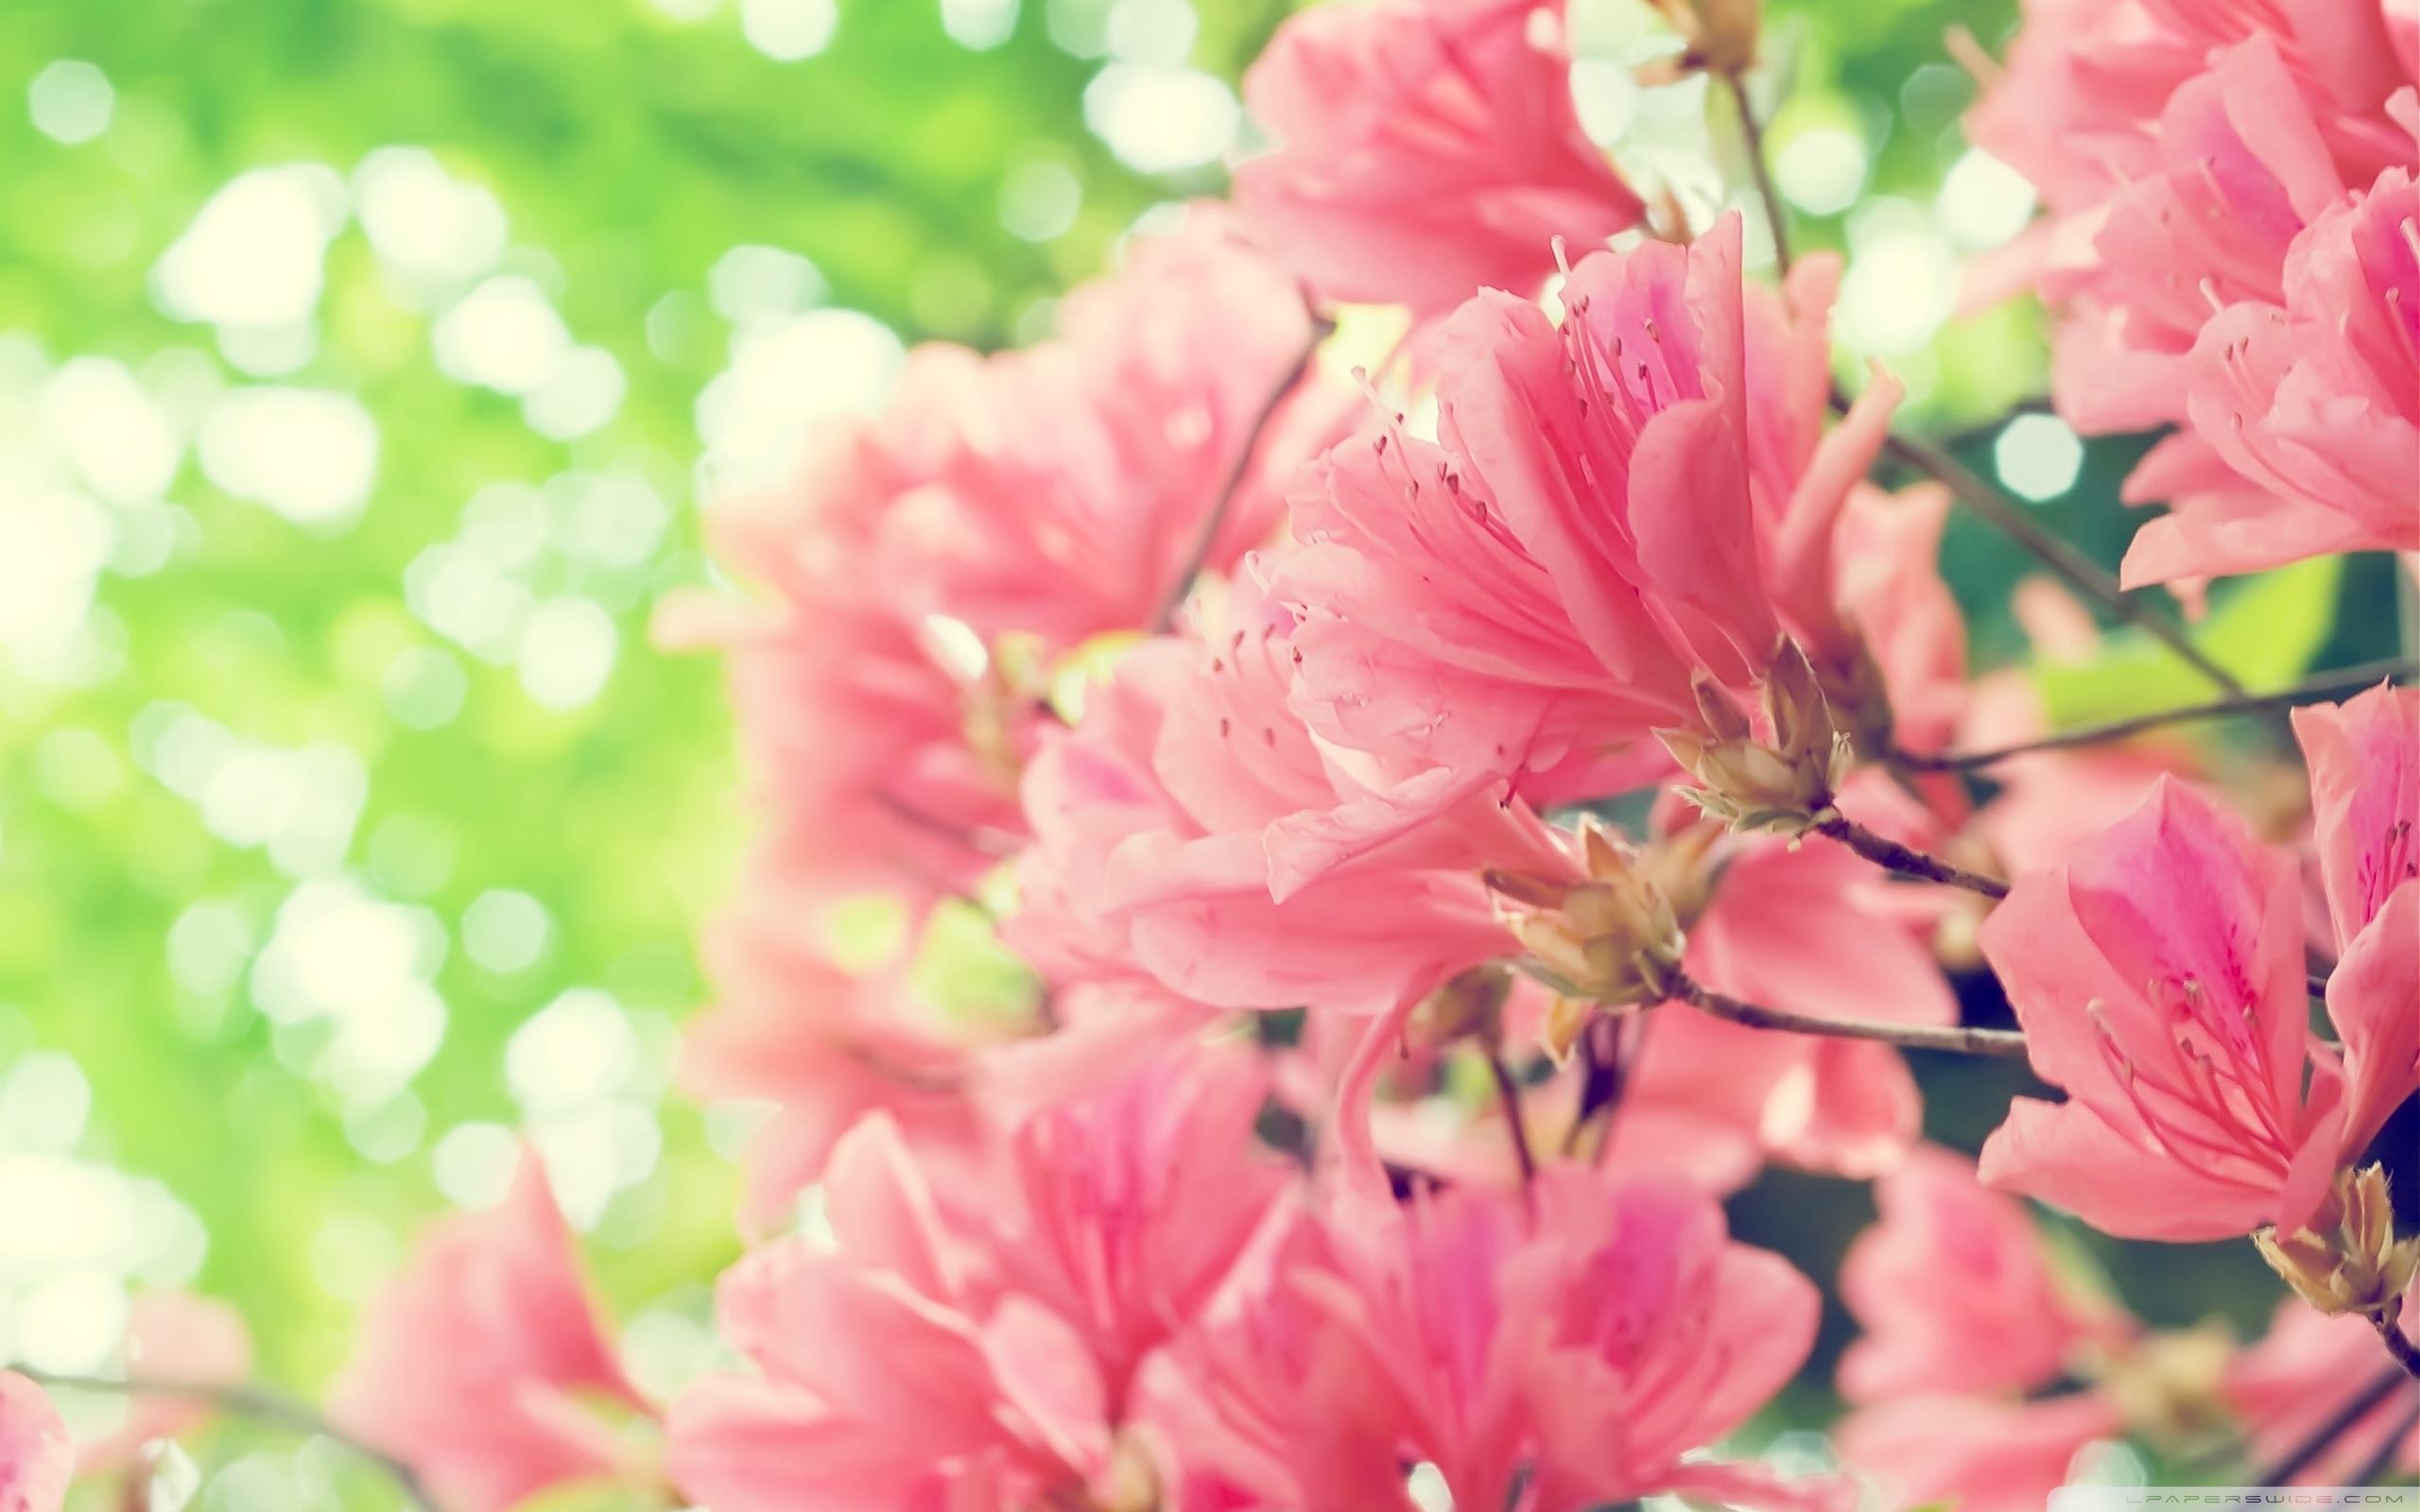 beautiful spring flowers ❤ 4k hd desktop wallpaper for 4k ultra hd